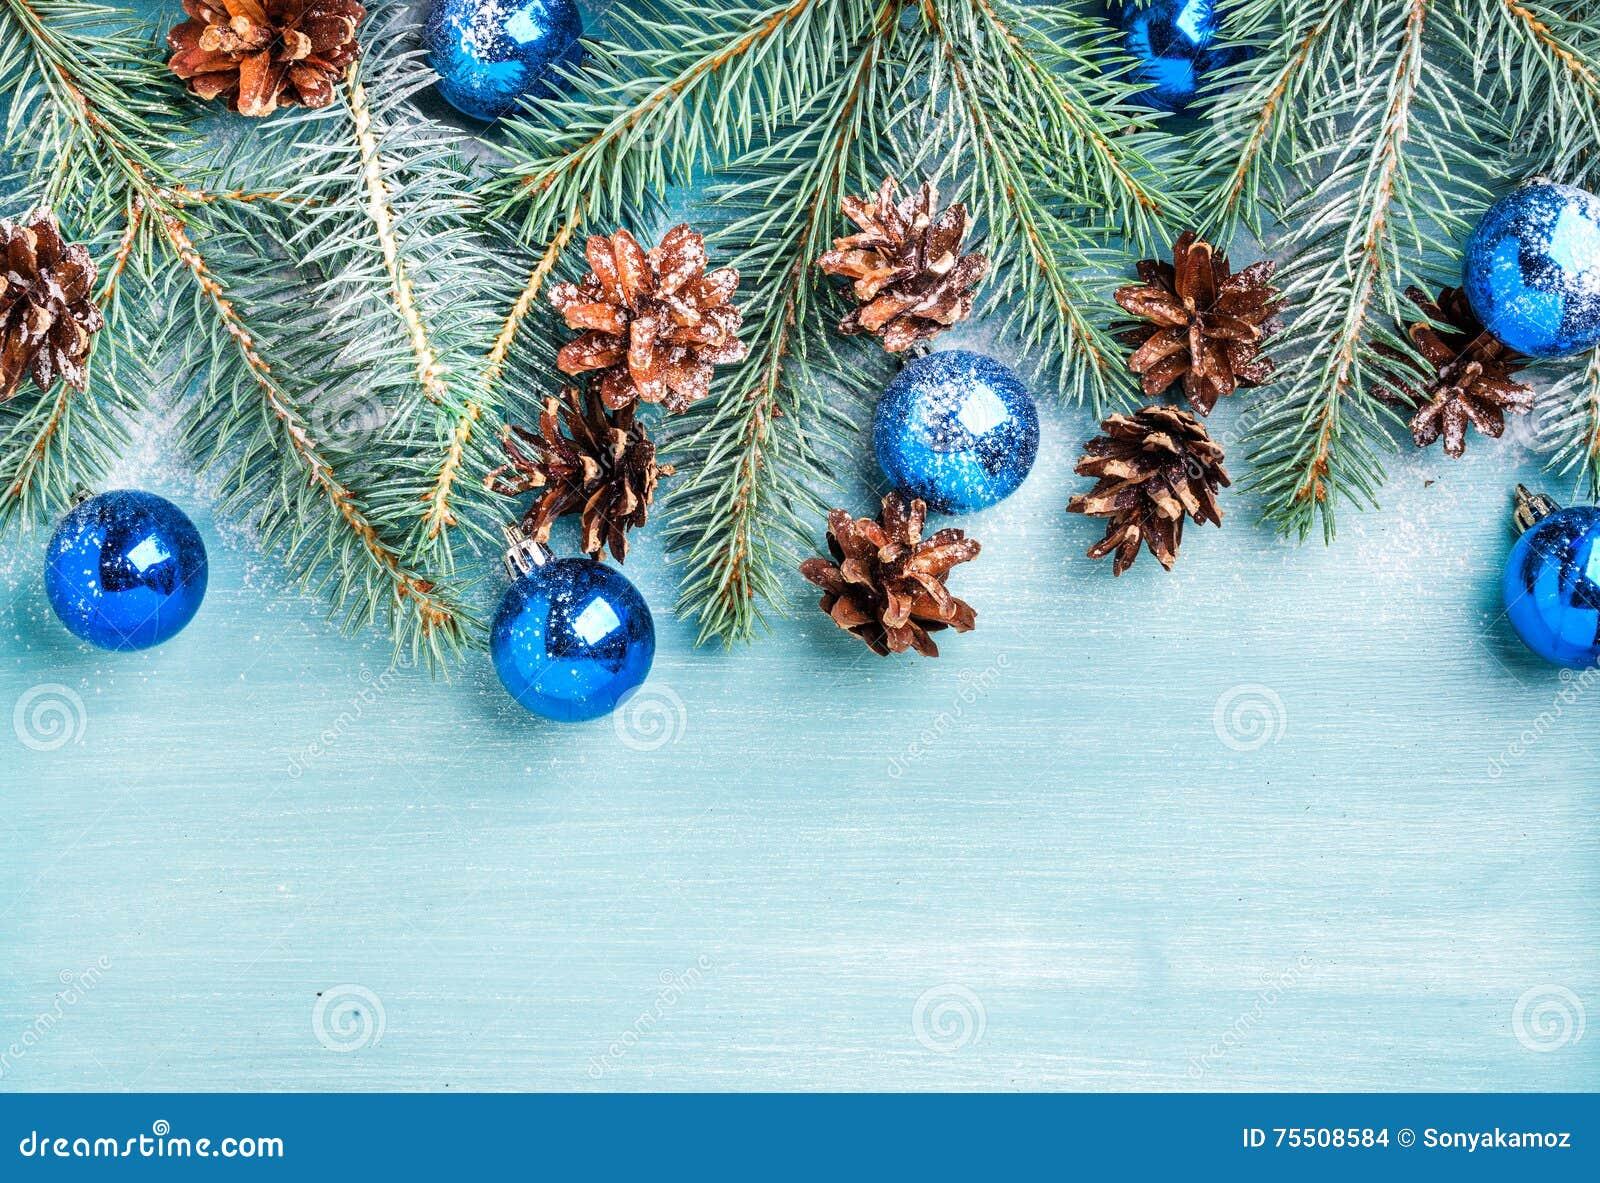 Hintergrund Des Neuen Jahres Oder Des Weihnachten: Tannenzweige ...